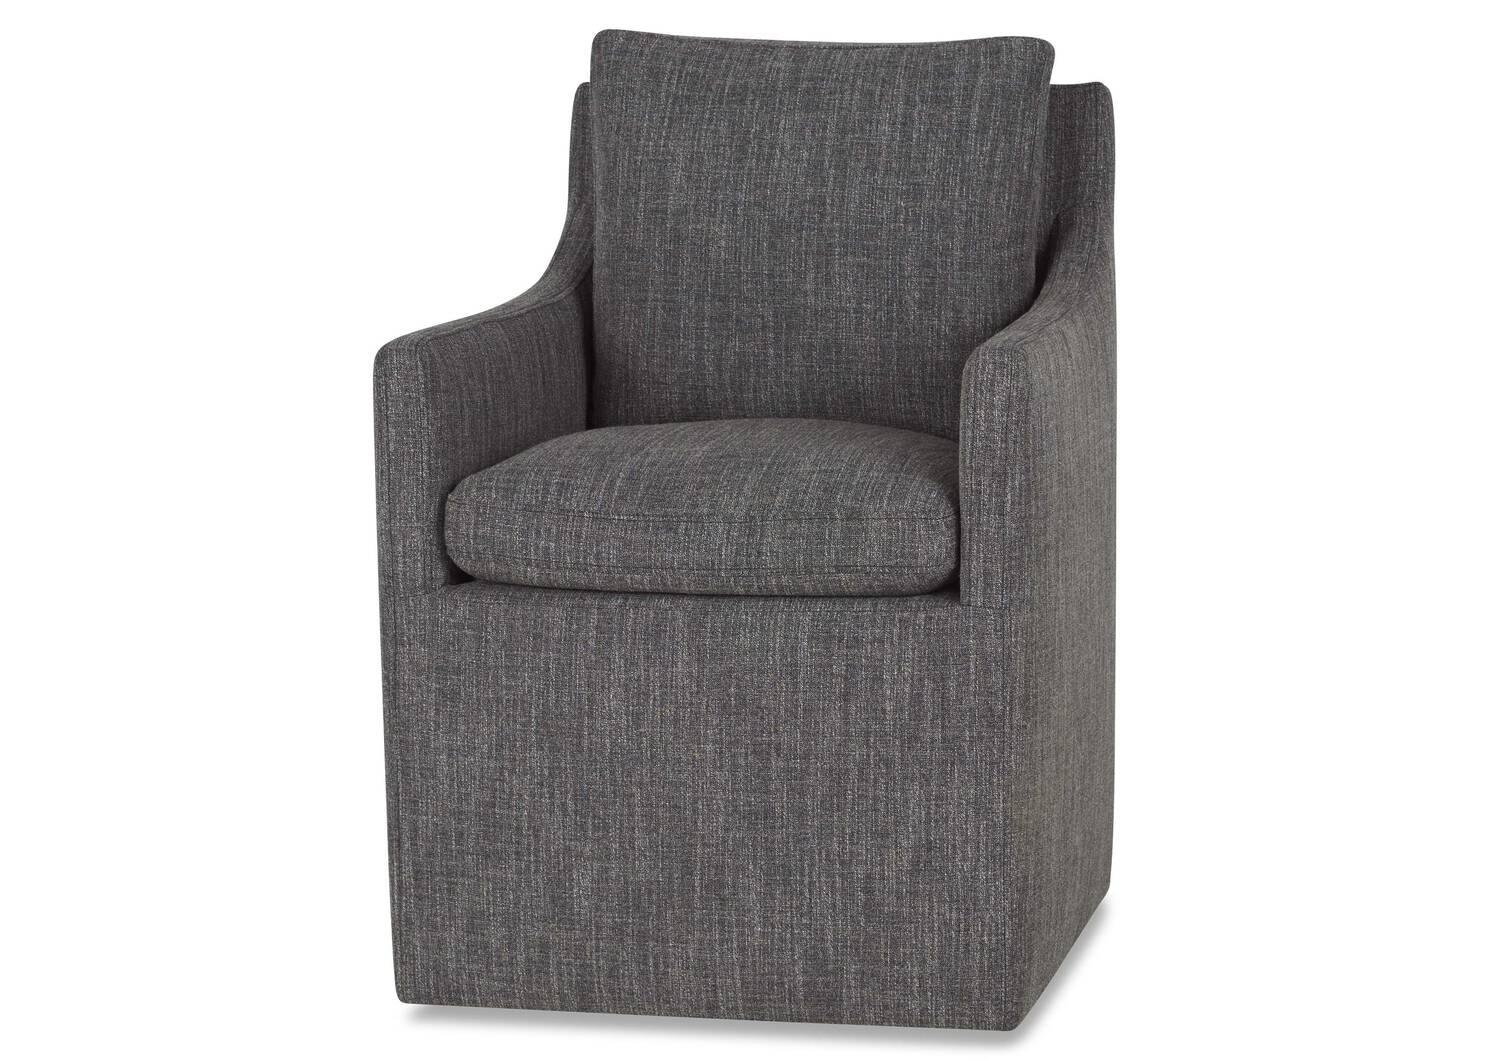 Chaise d'hôte Armand -Lund charbon